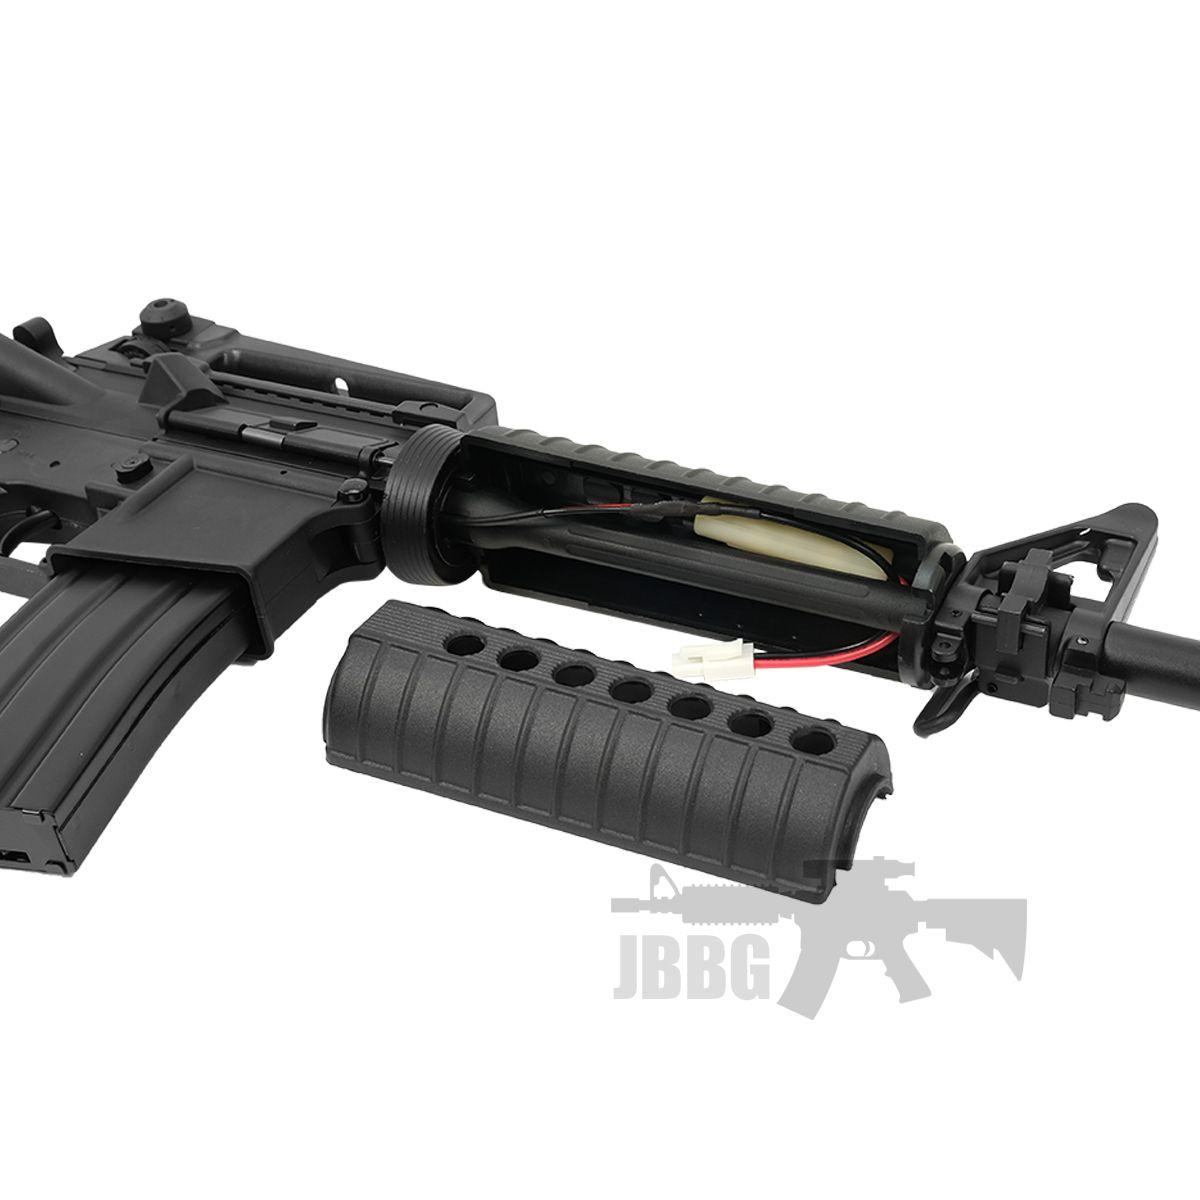 SR4A1 M4 Carbine Sportline AEG Airsoft Gun 101